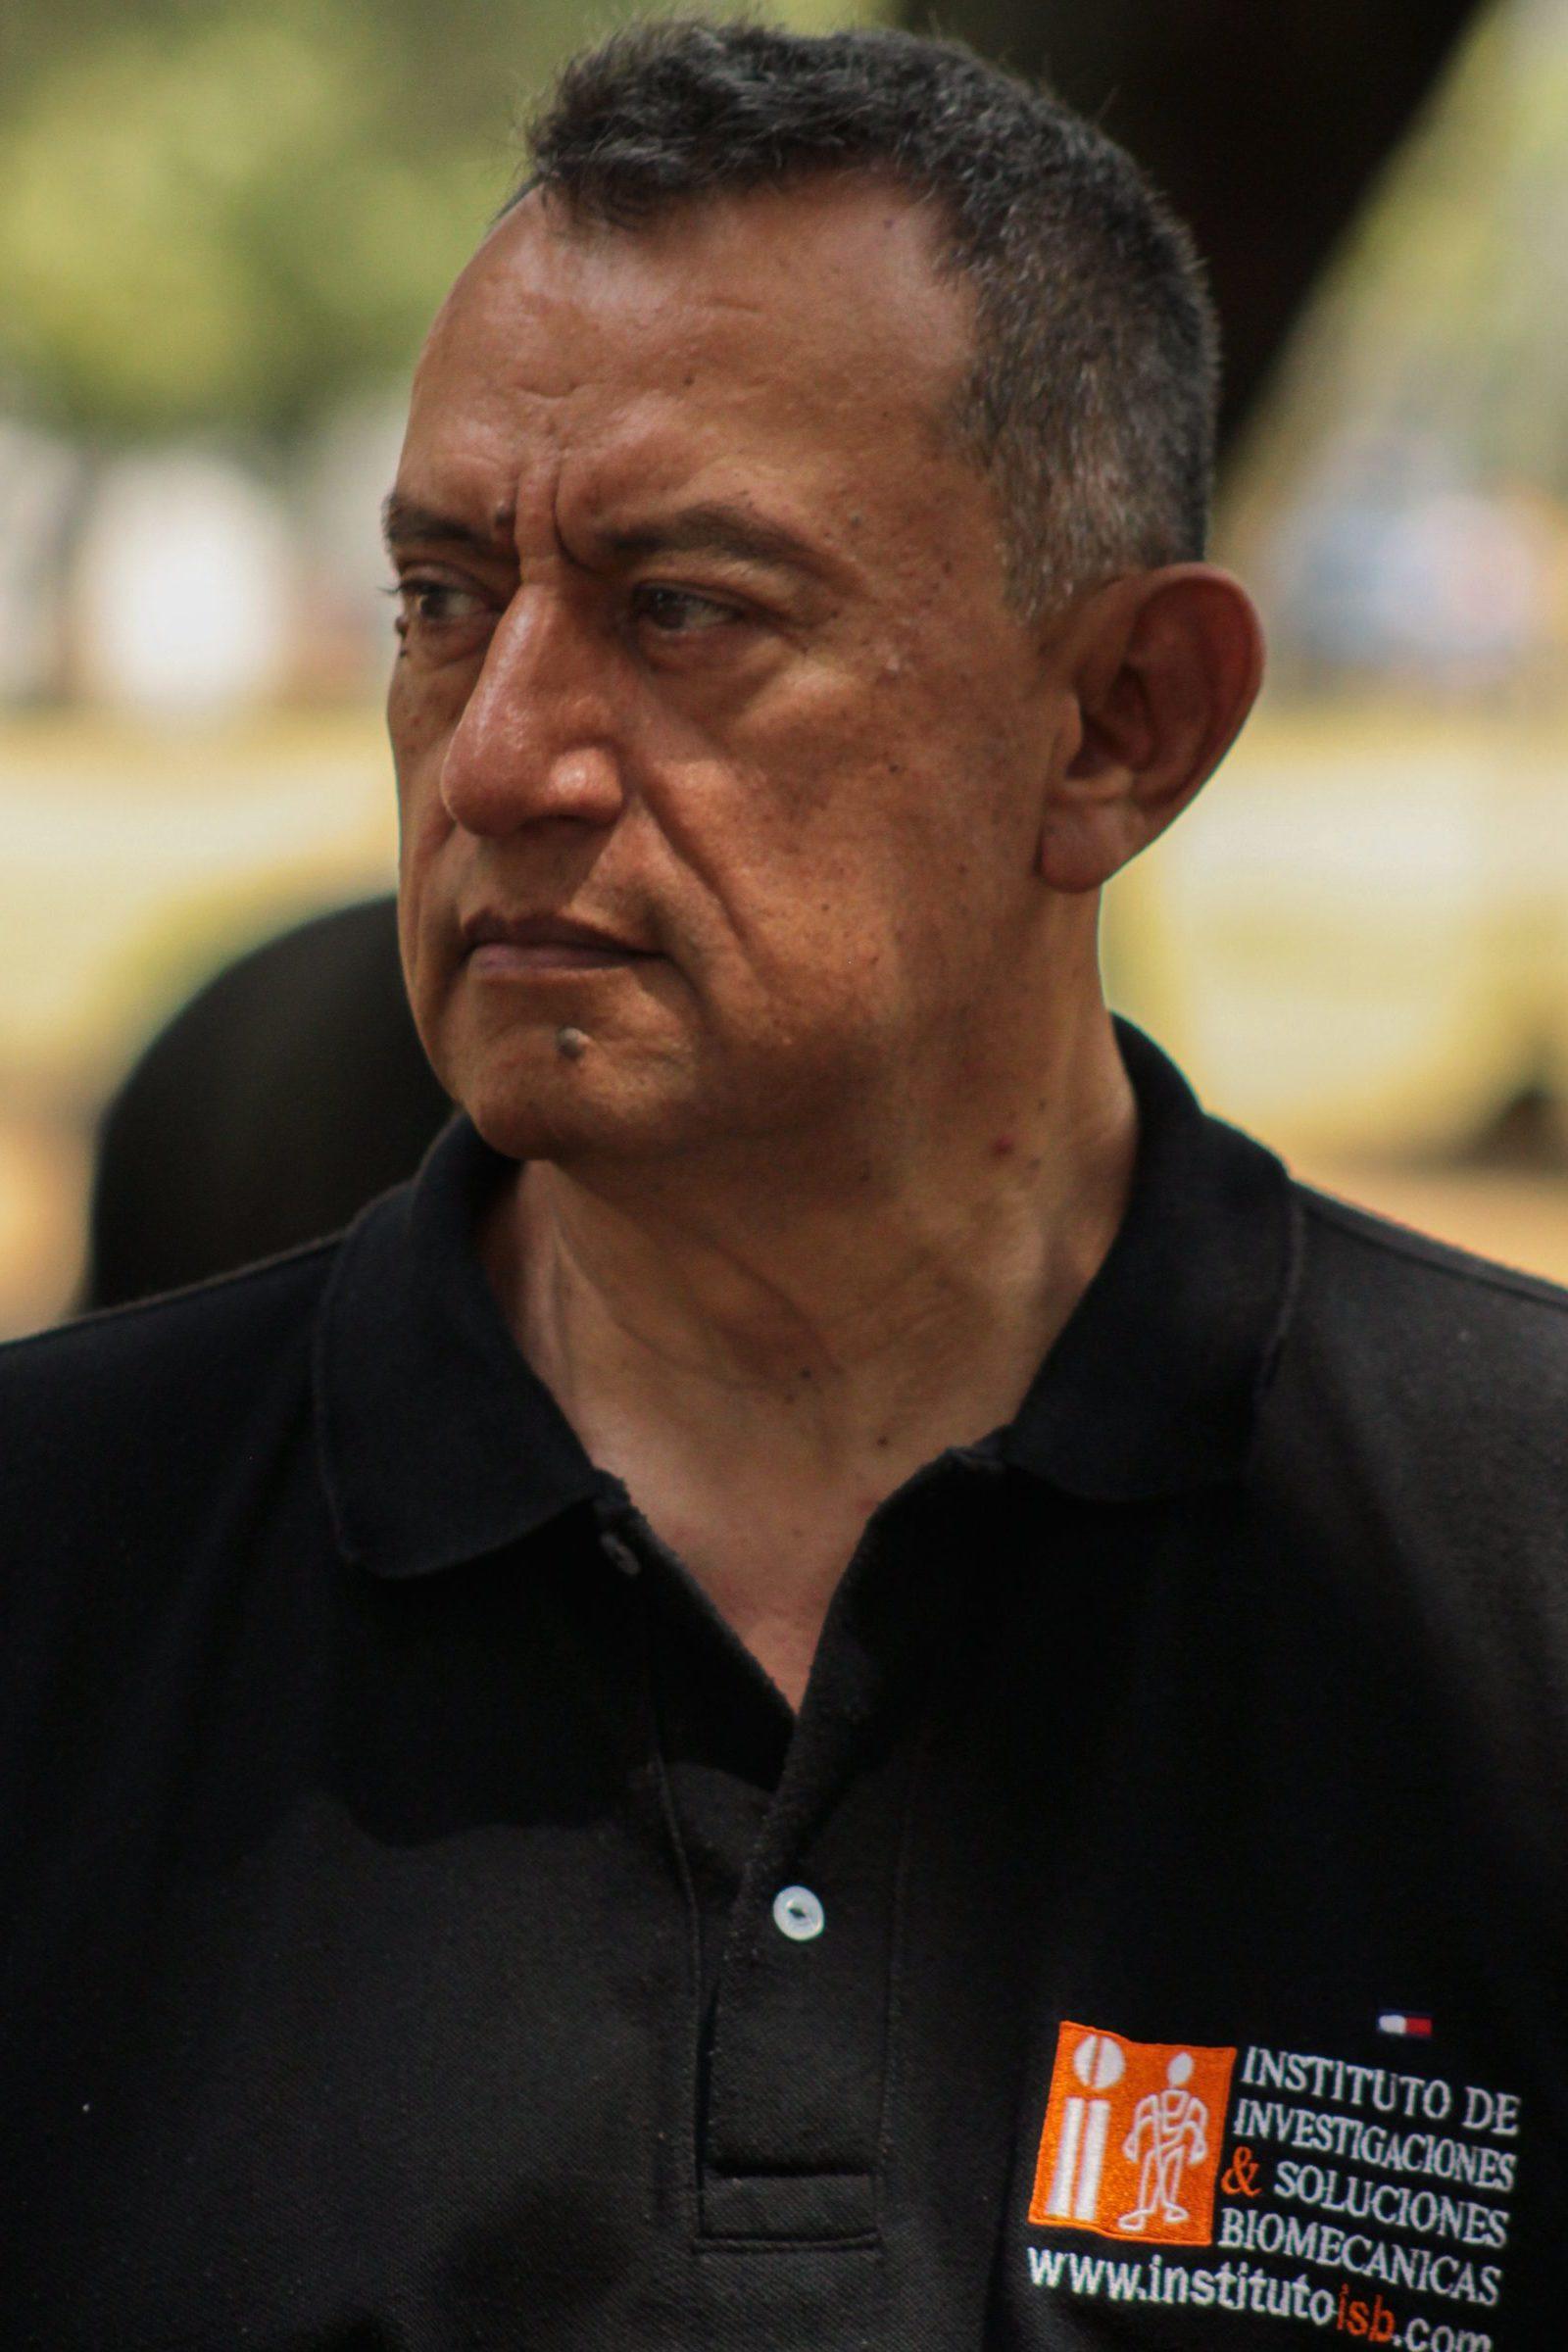 Dr. Jose  Acero